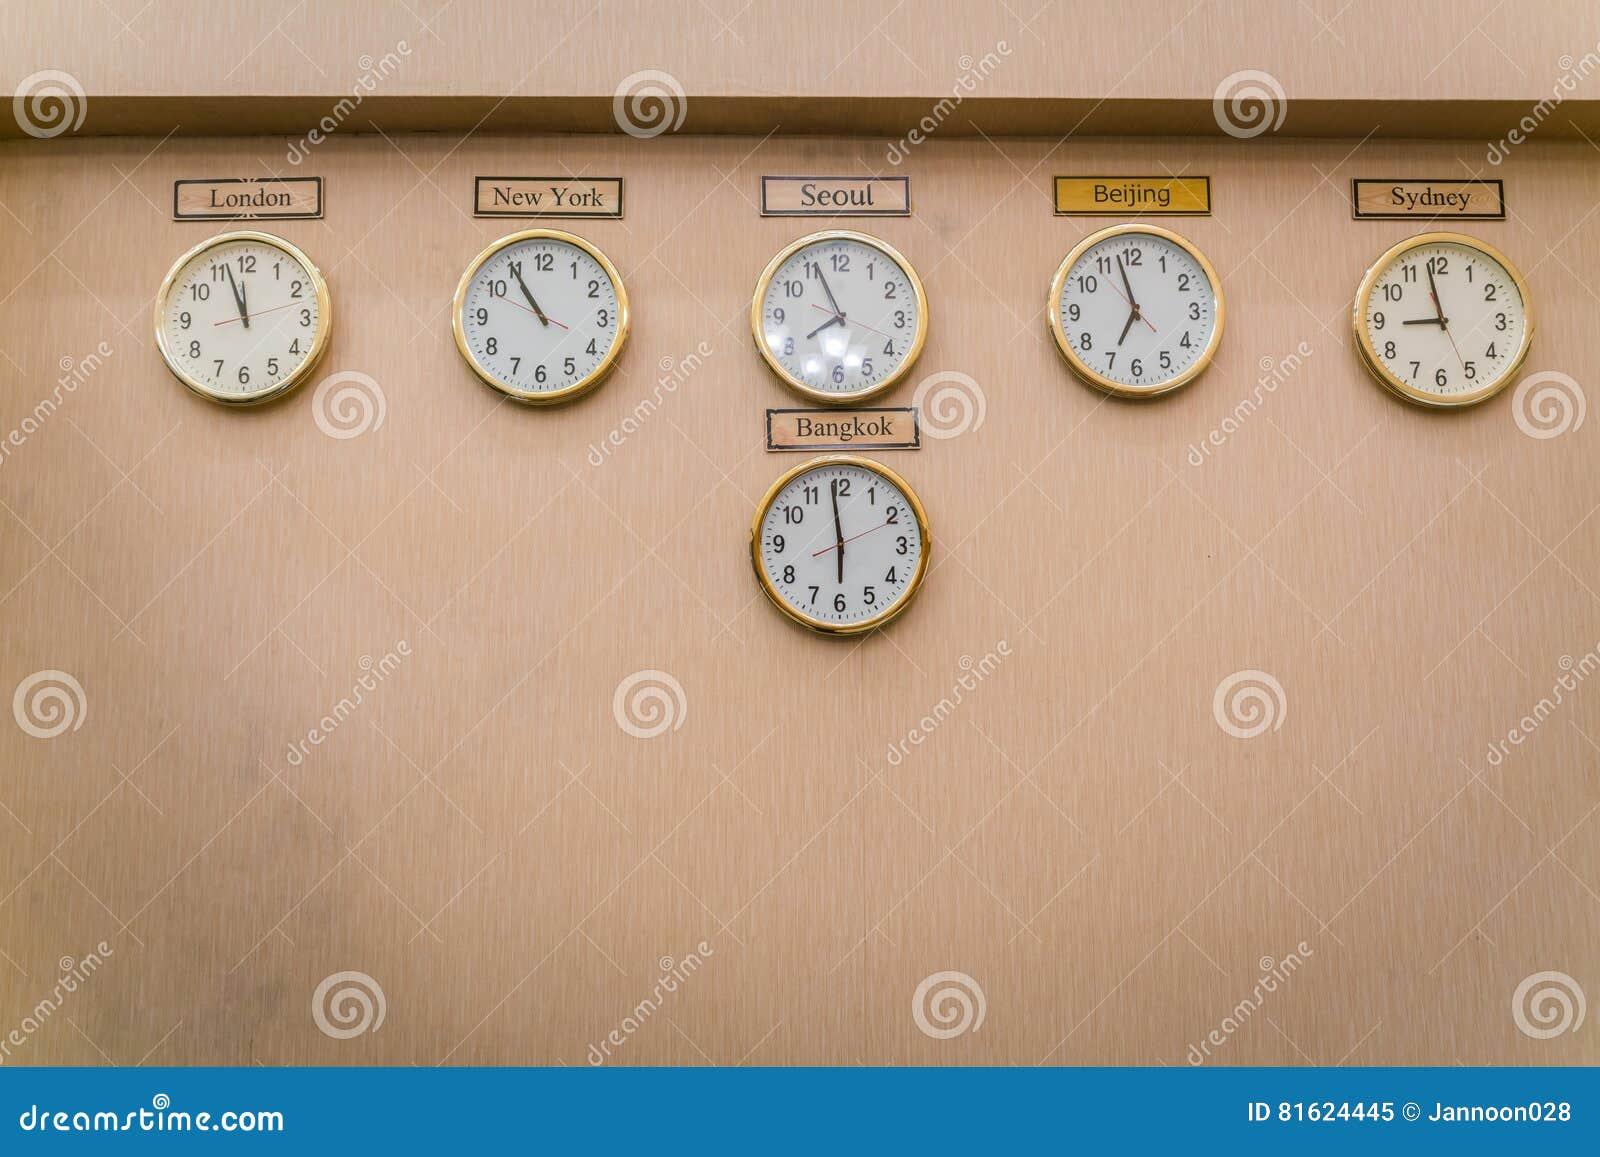 uhren zeigt verschiedene zeitzonen auf alter wand stockbild bild von ideen stichtag 81624445. Black Bedroom Furniture Sets. Home Design Ideas